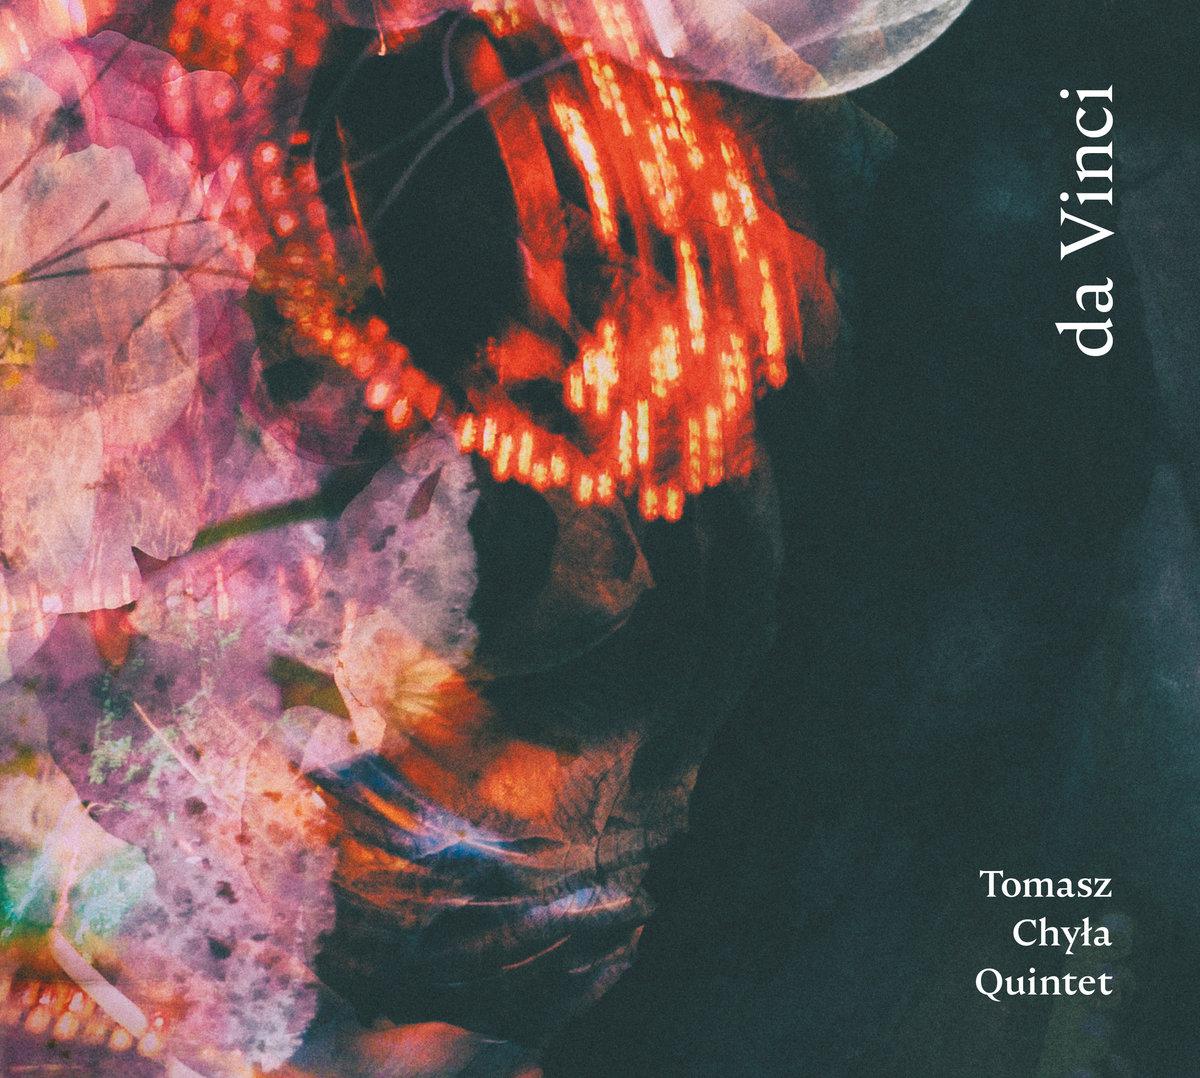 Tomasz Chyła Quintet: da Vinci